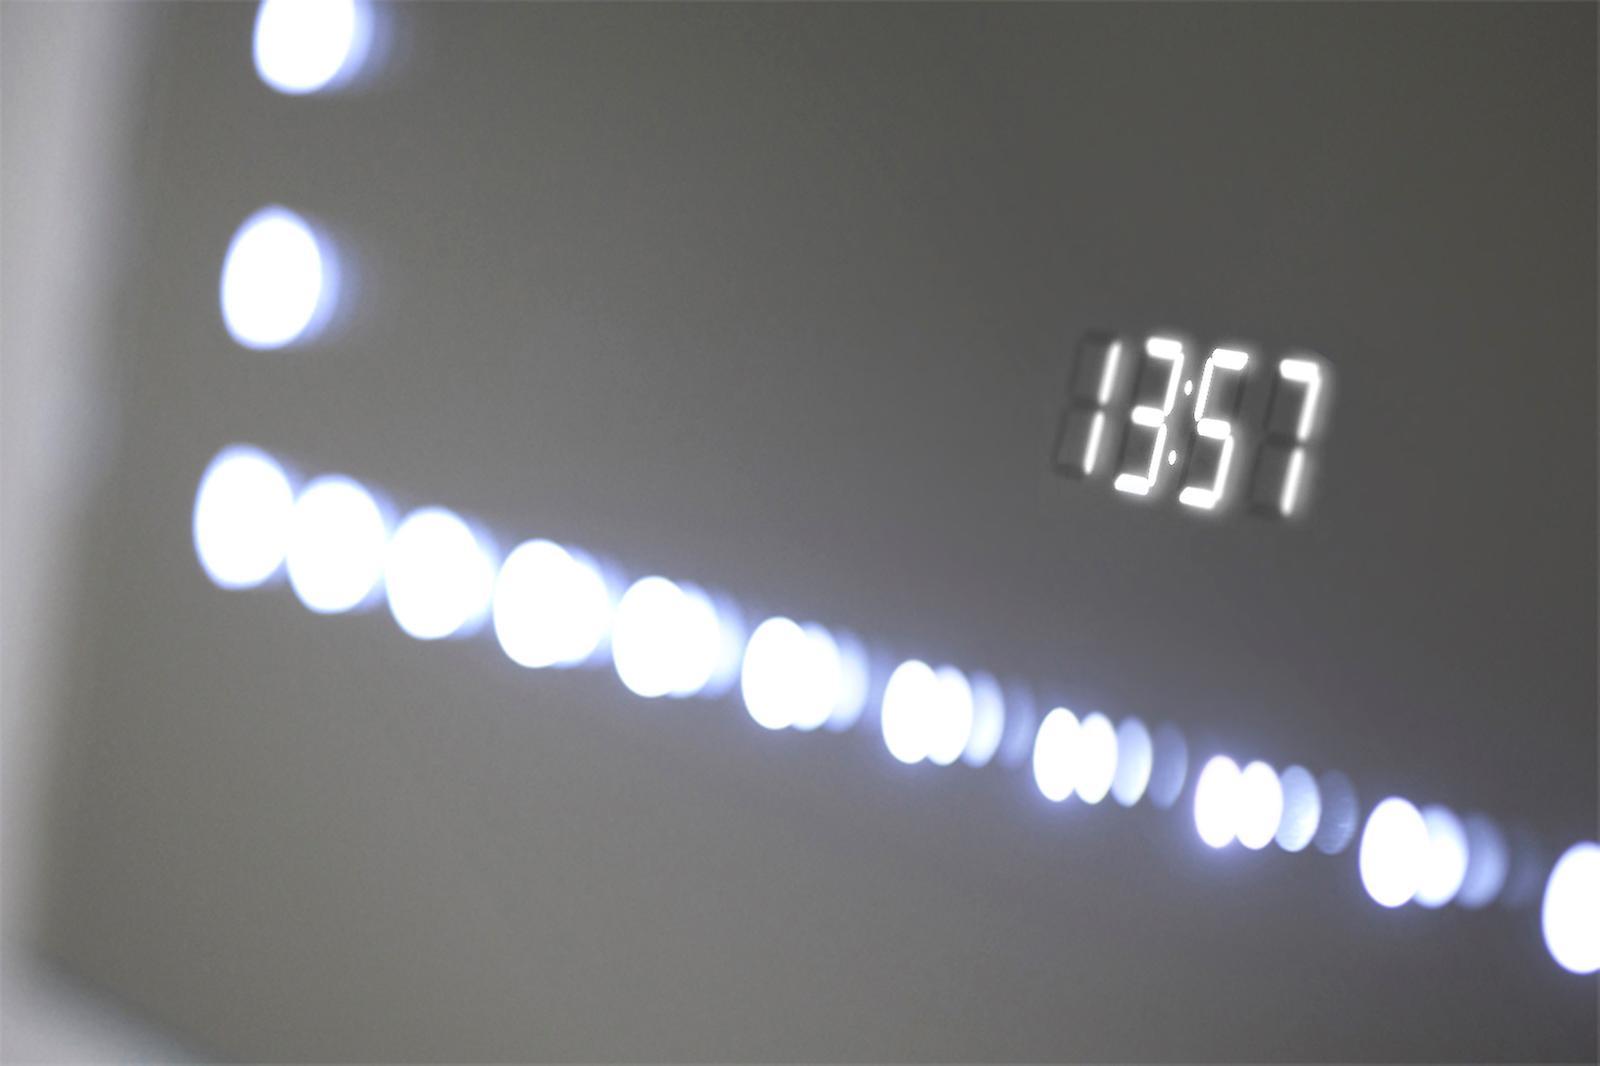 Miroir audio de salle de bains d'horloge ultraslim avec Bluetooth et capteur k190aud